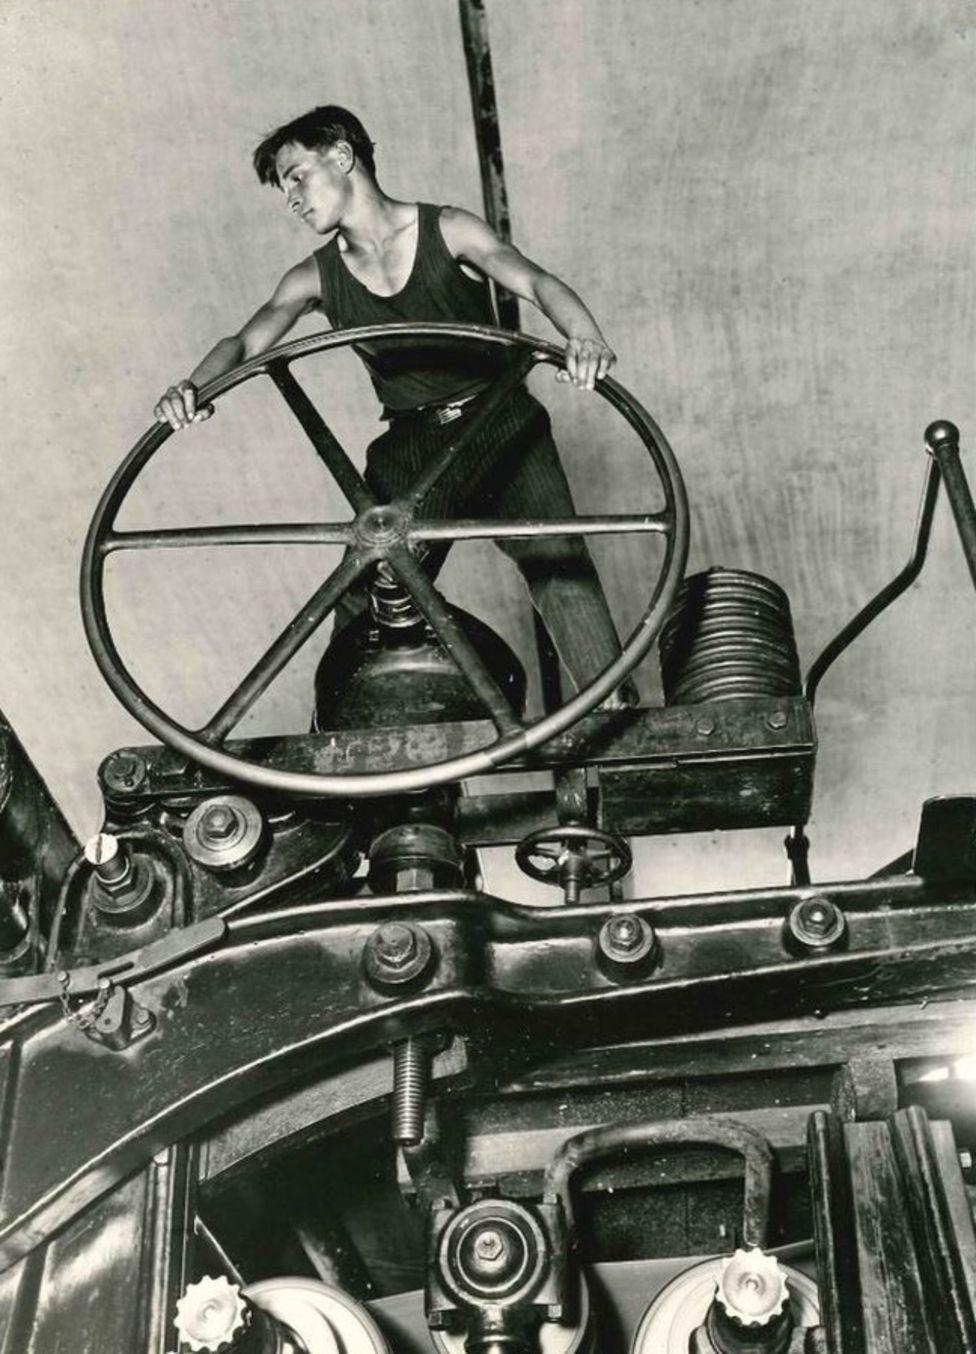 """Аркадий Шайхет """"Комсомолец за штурвалом"""", 1929 г."""